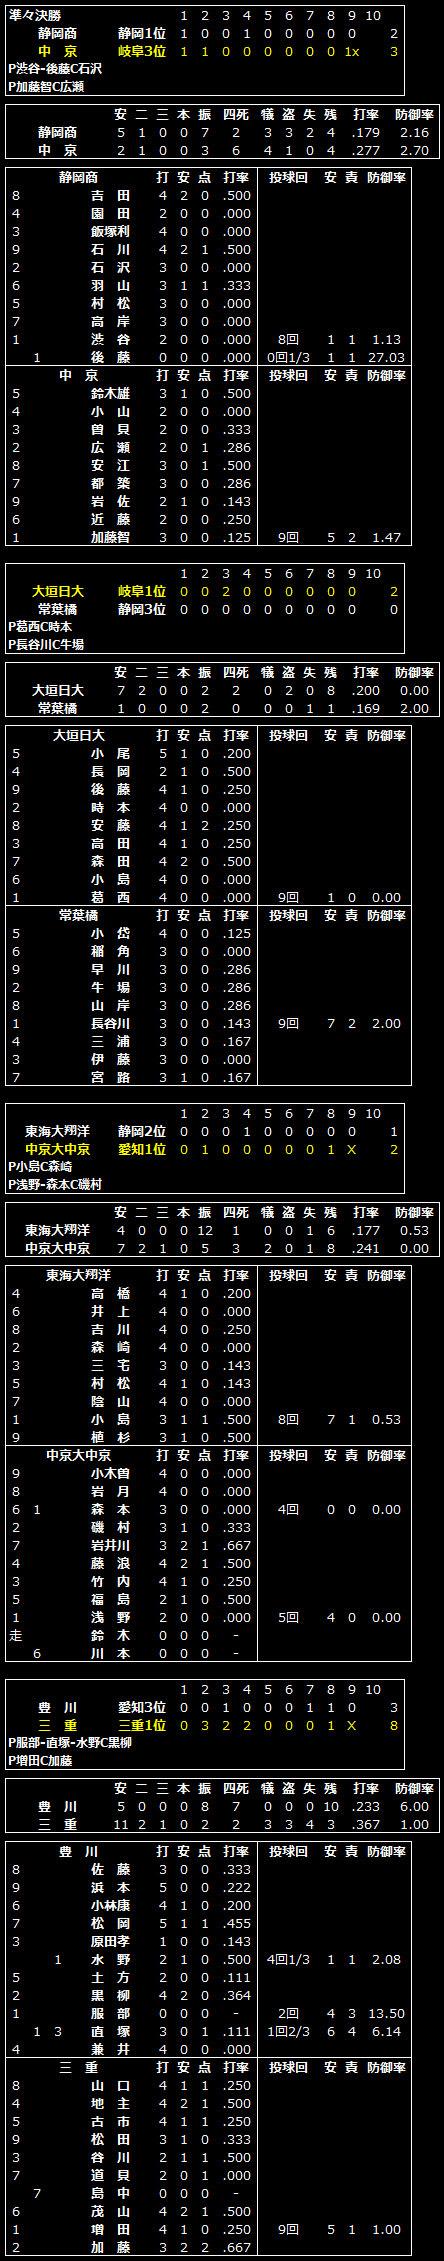 高校 静岡 野球 大会 県 秋季